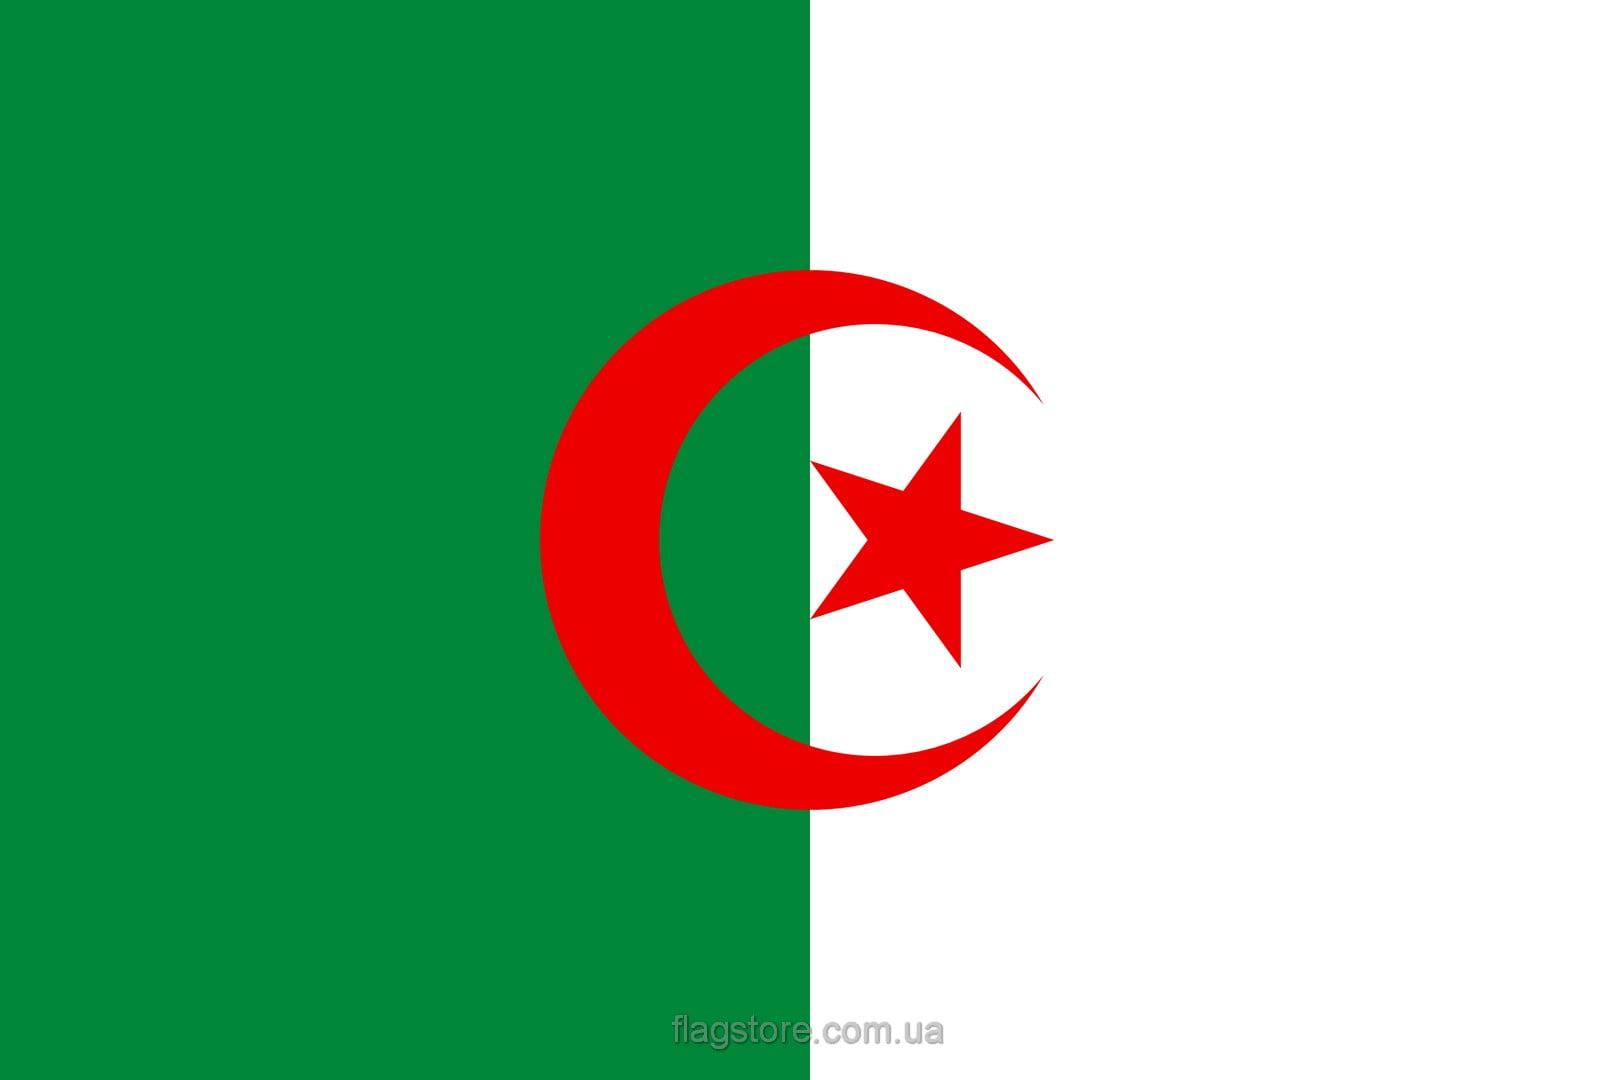 Купить флаг Алжира (страны Алжир)